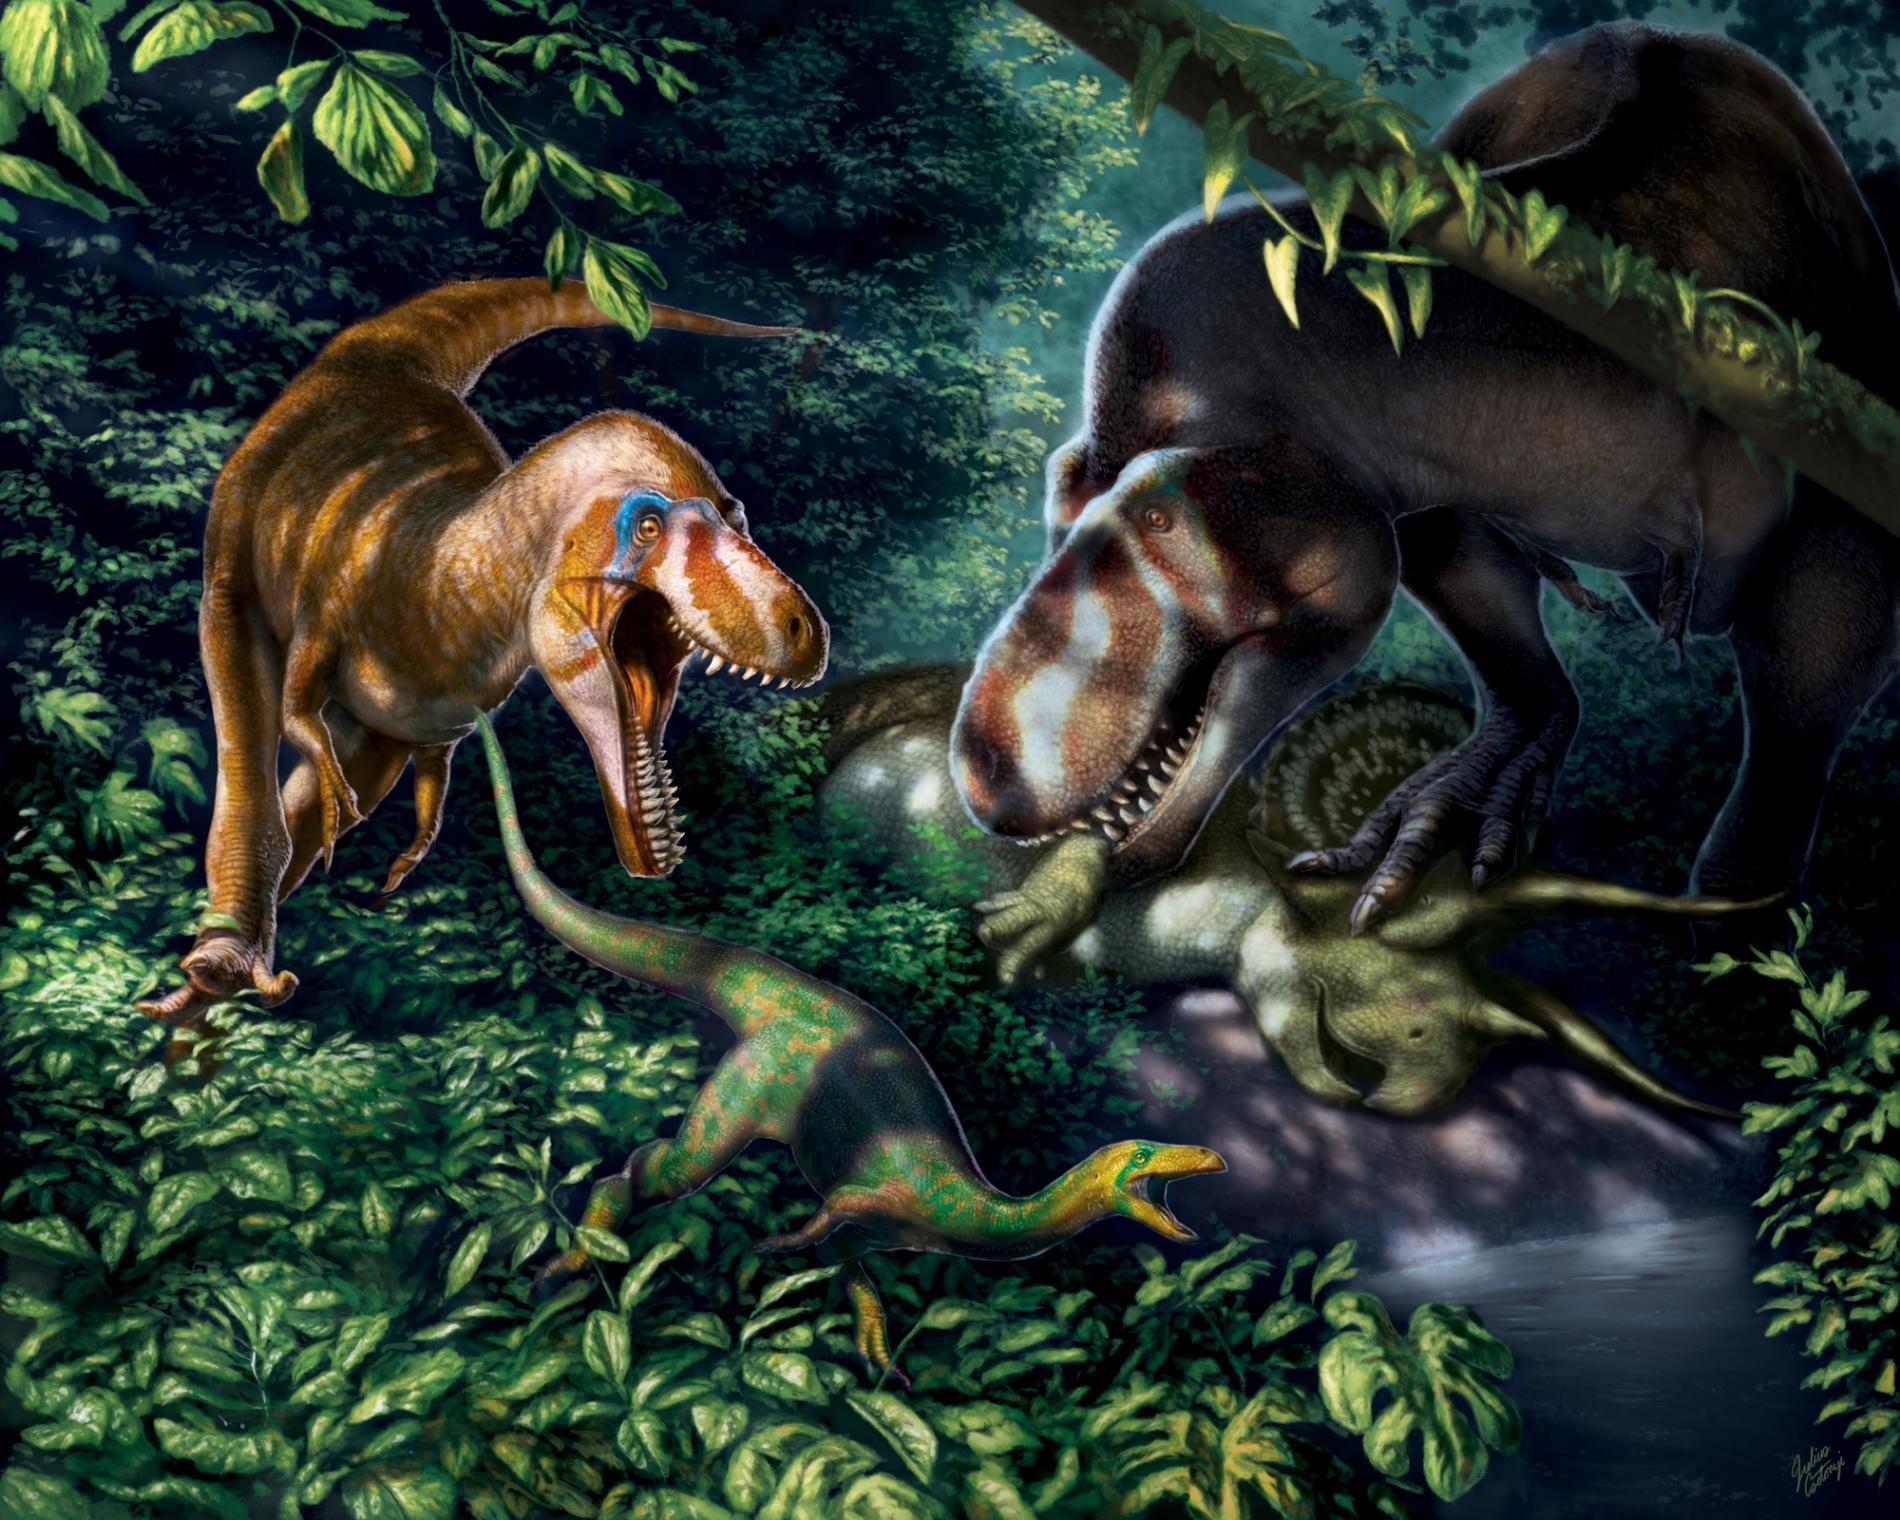 應屬霸王龍(<i>Tyrannosaurus rex</i>)亞成體的化石顯示這種牙可碎骨的龐然大物在十多歲時是配備著似刃利齒、精瘦而敏捷的掠食者。 ILLUSTRATION BY JULIUS T. CSOTONYI